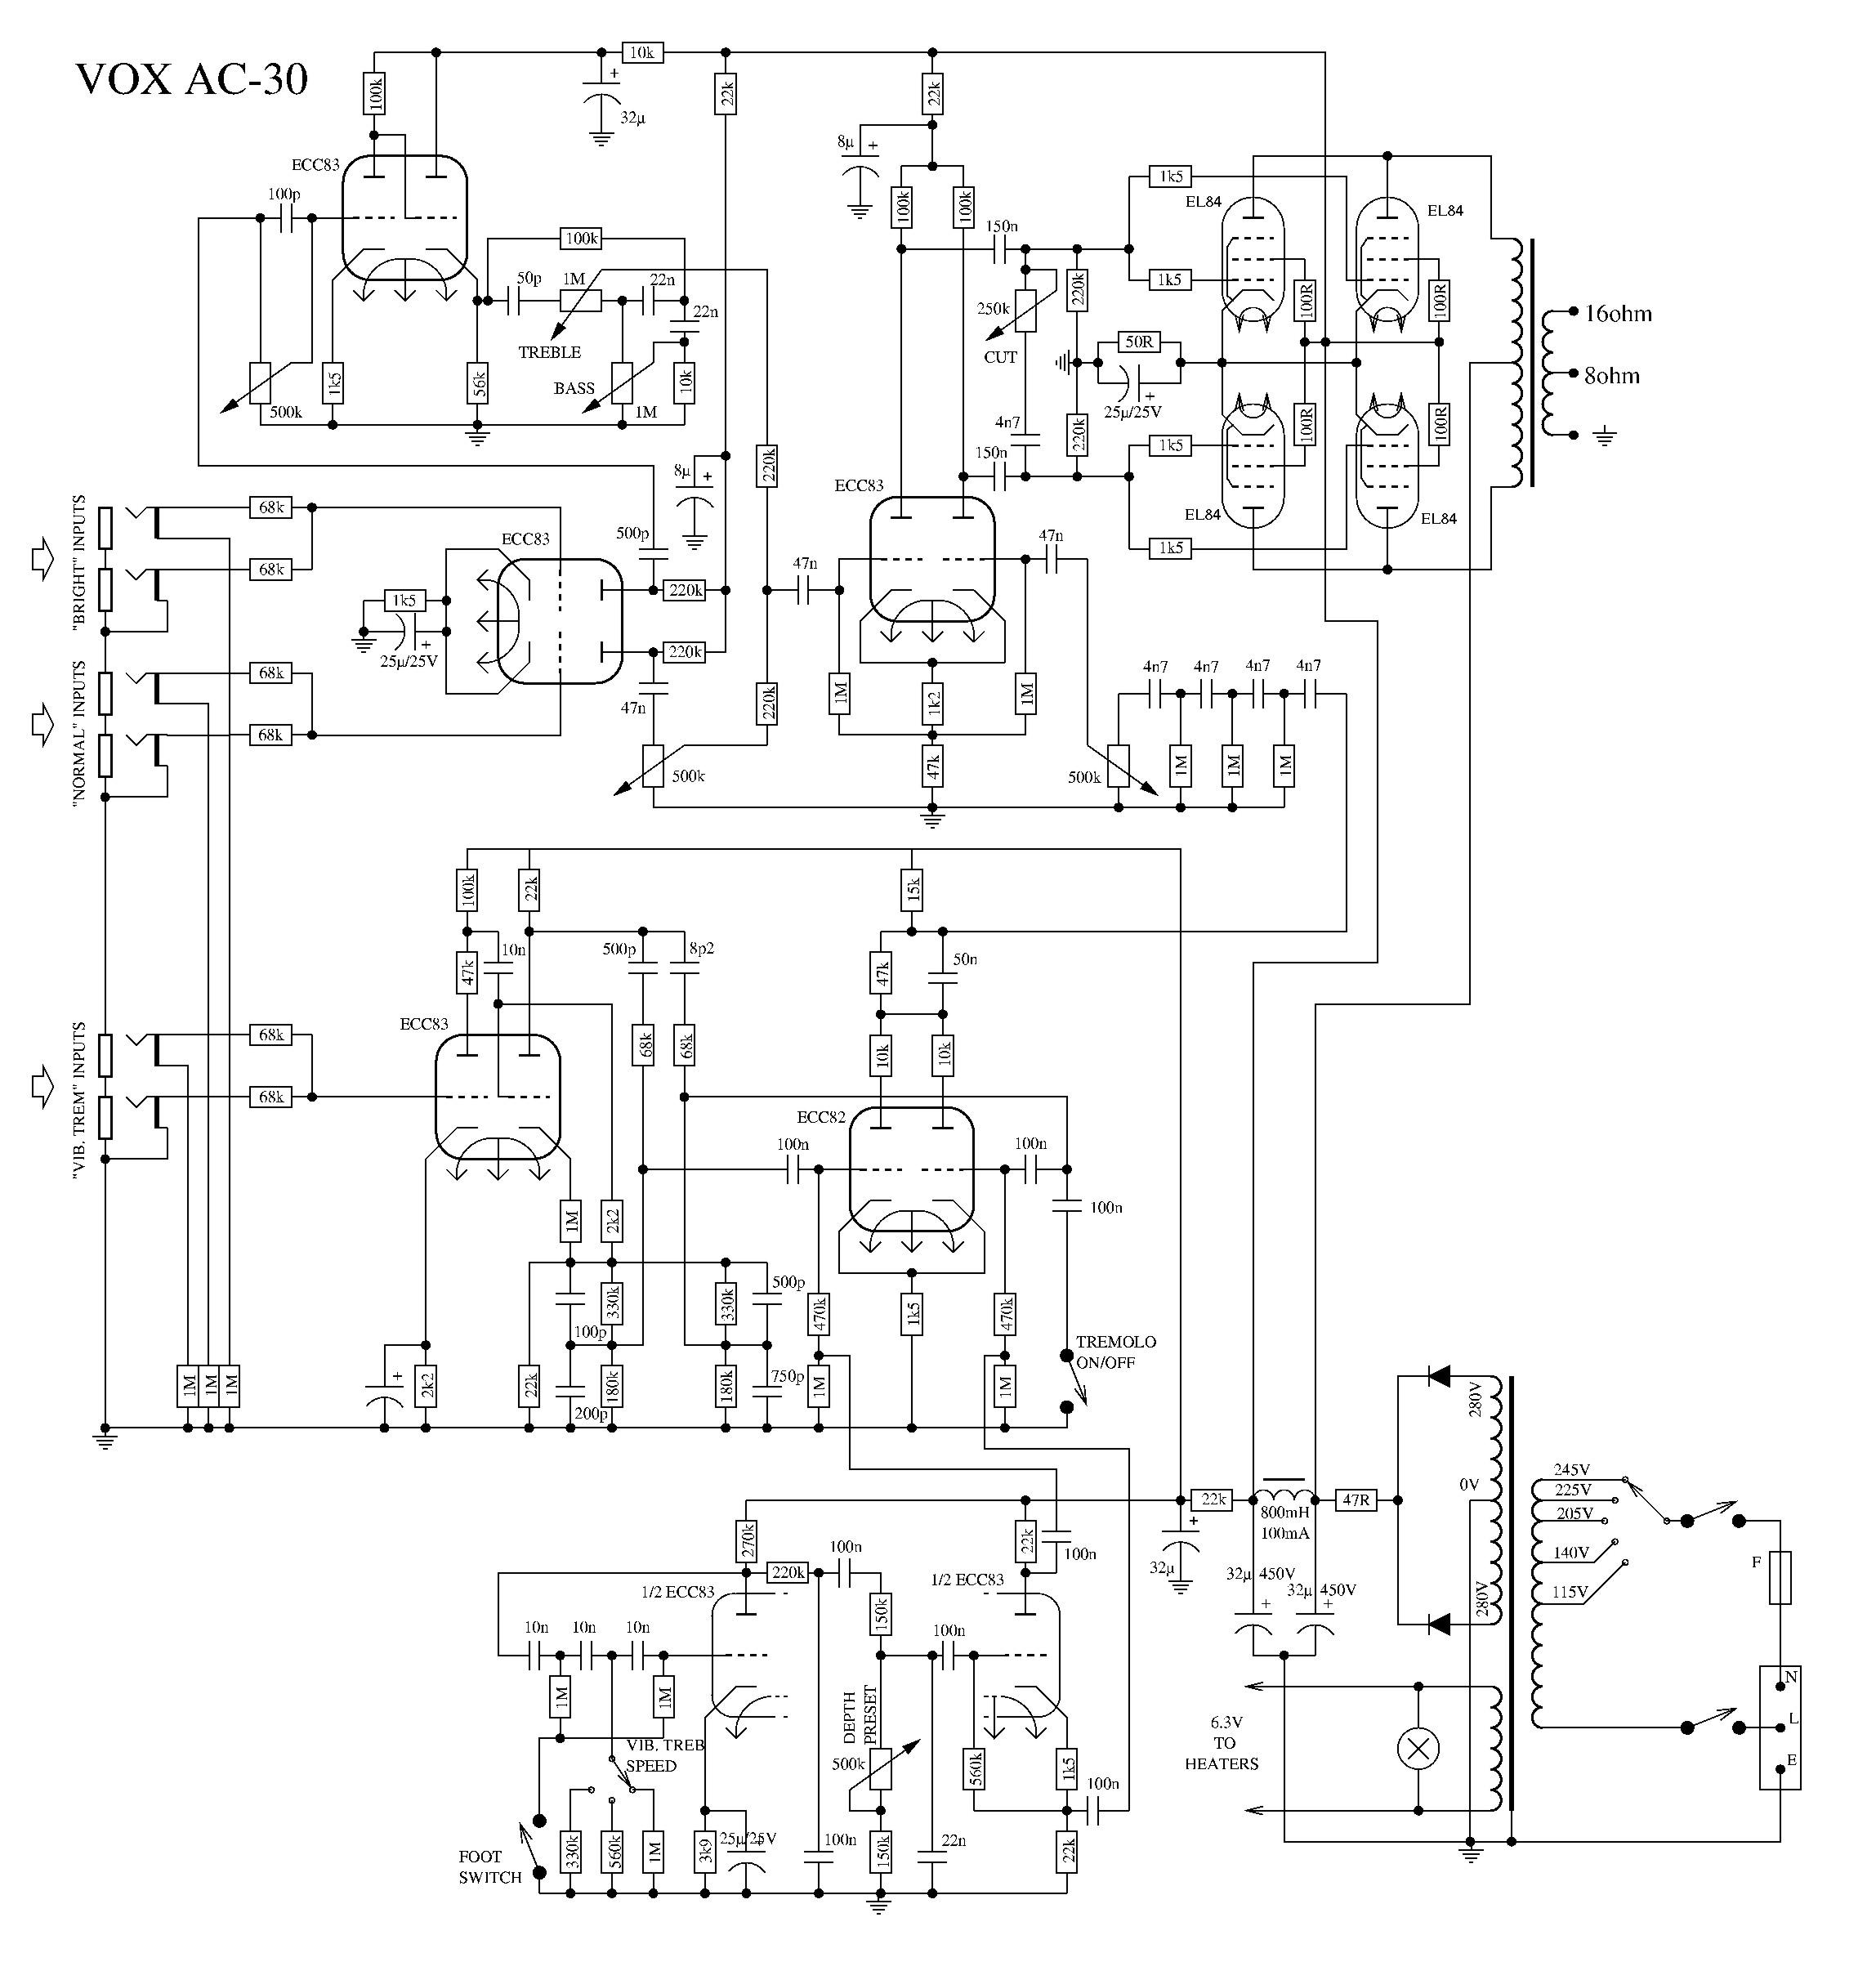 vox ac30 schematic dallas